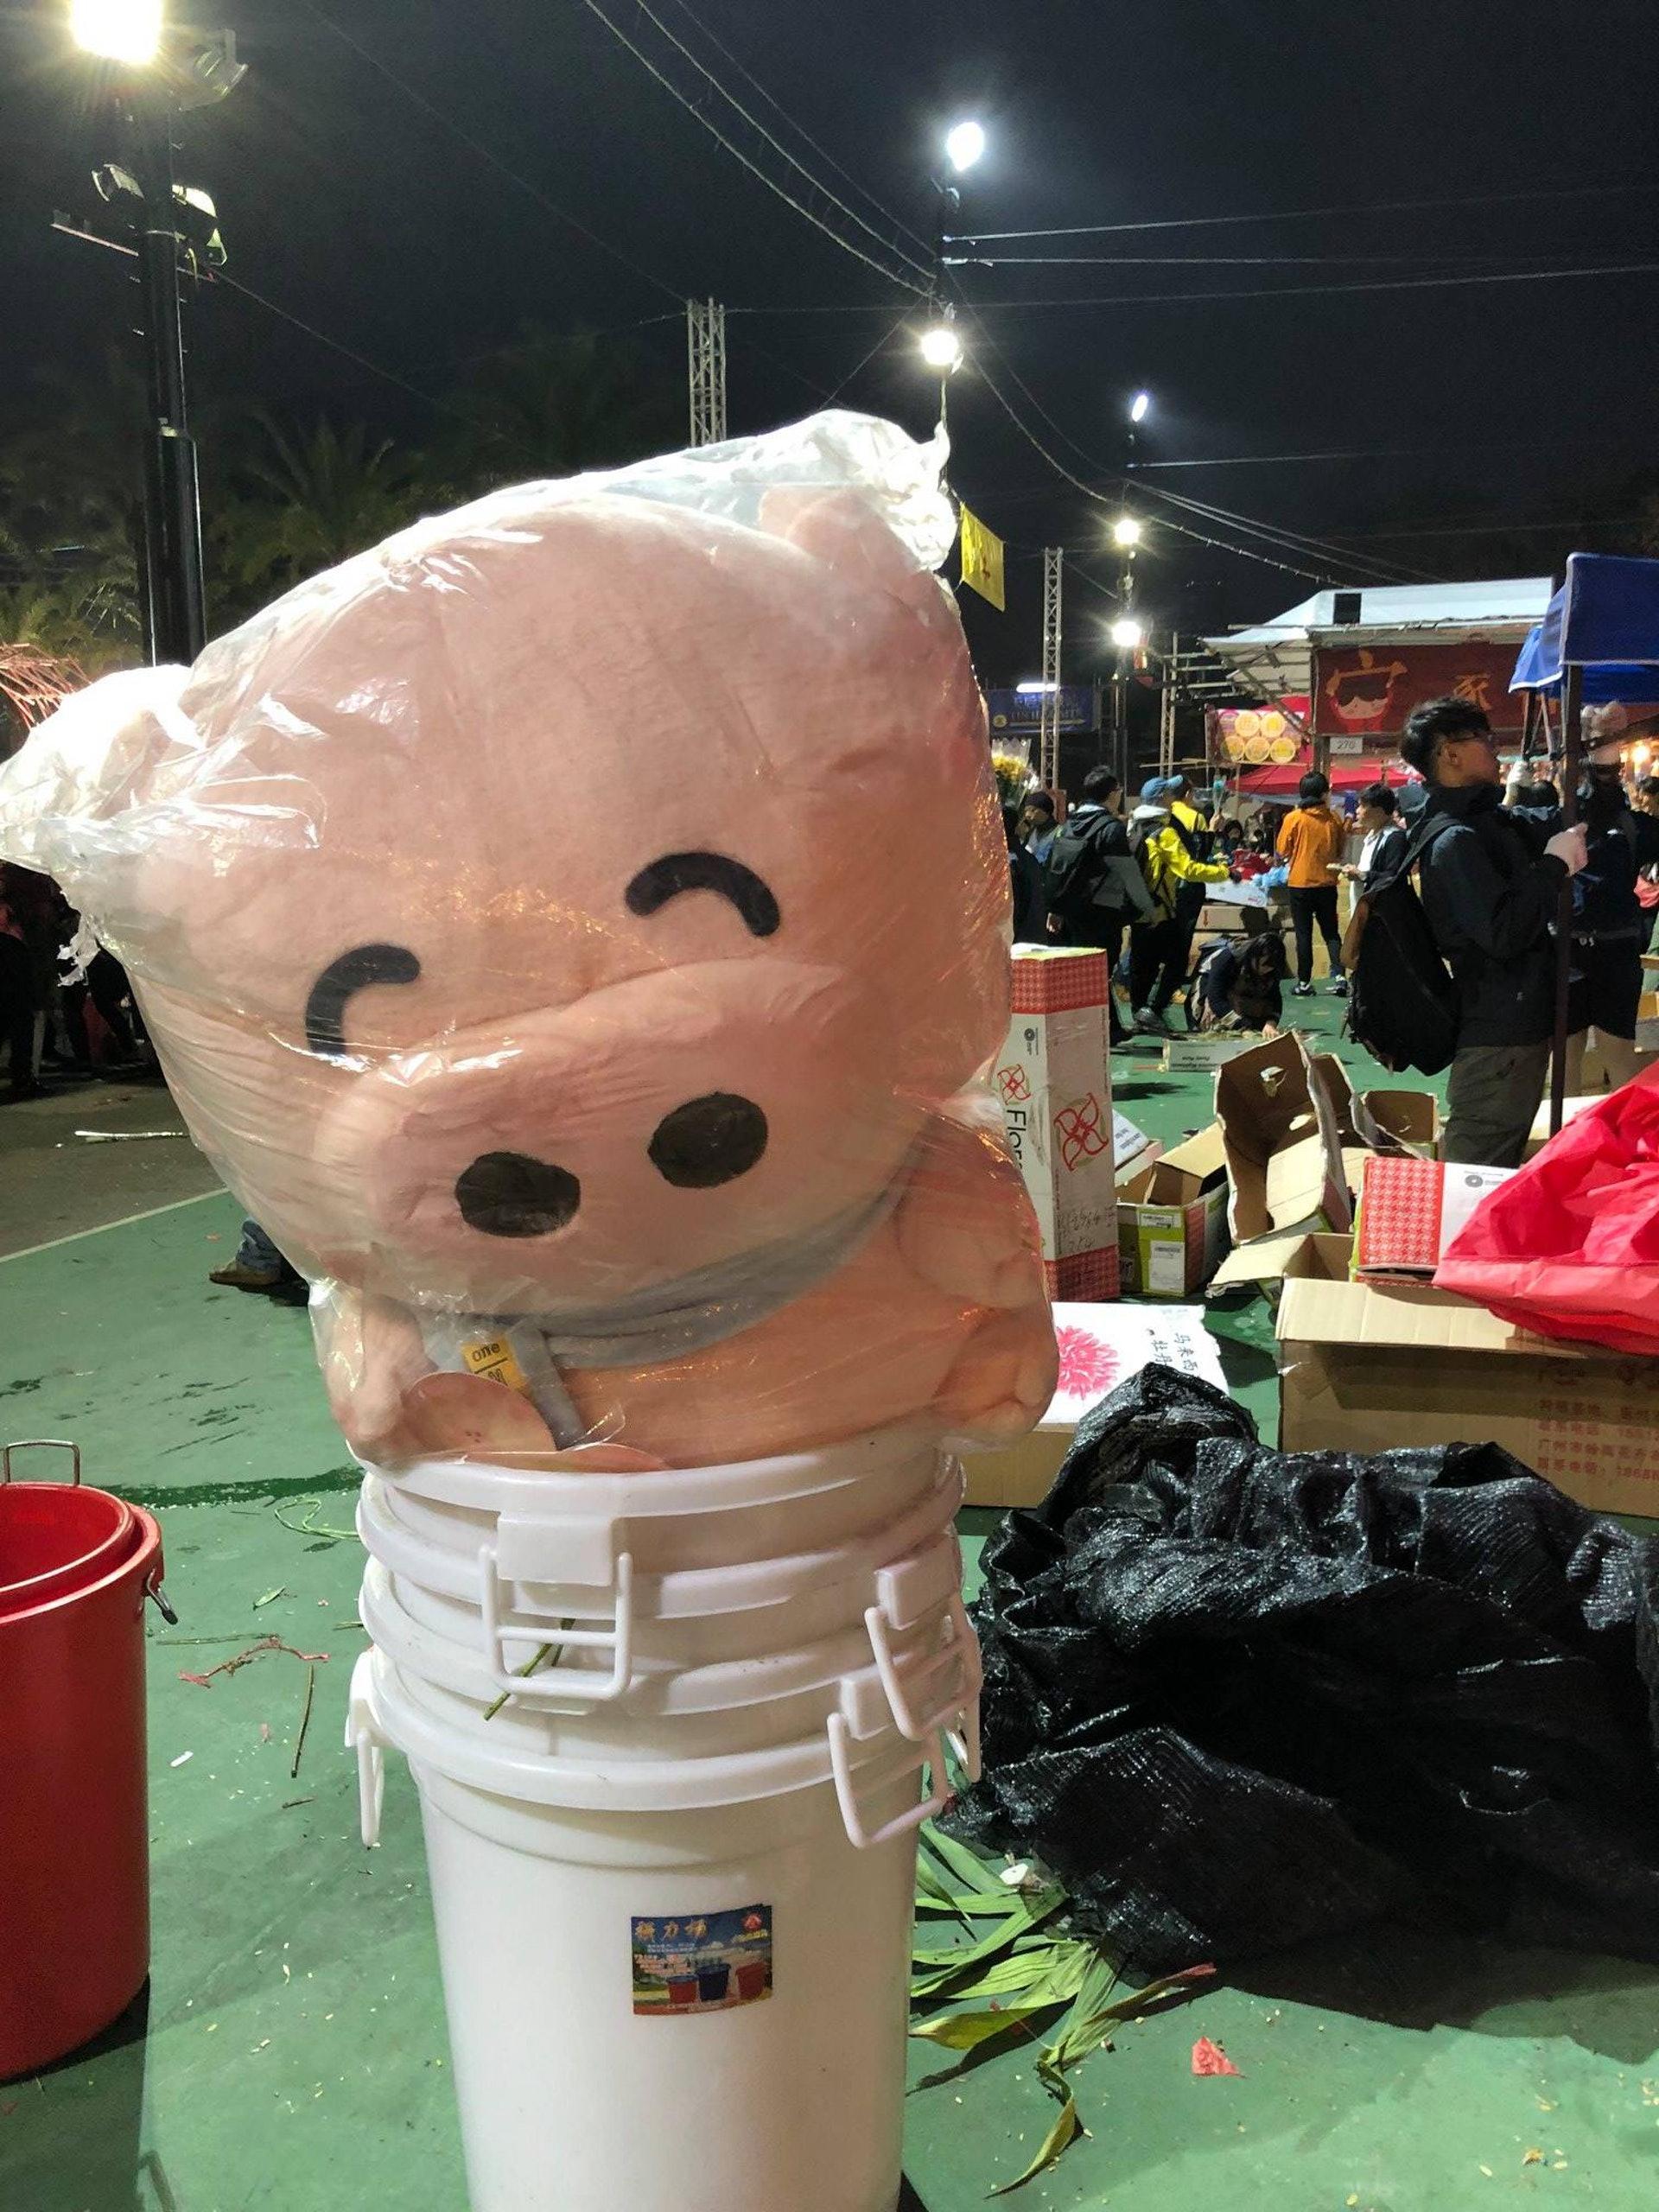 踏入豬年,可惜超大的麥兜公仔都被棄在維園年宵。(「毋忘垃圾」FB專頁)